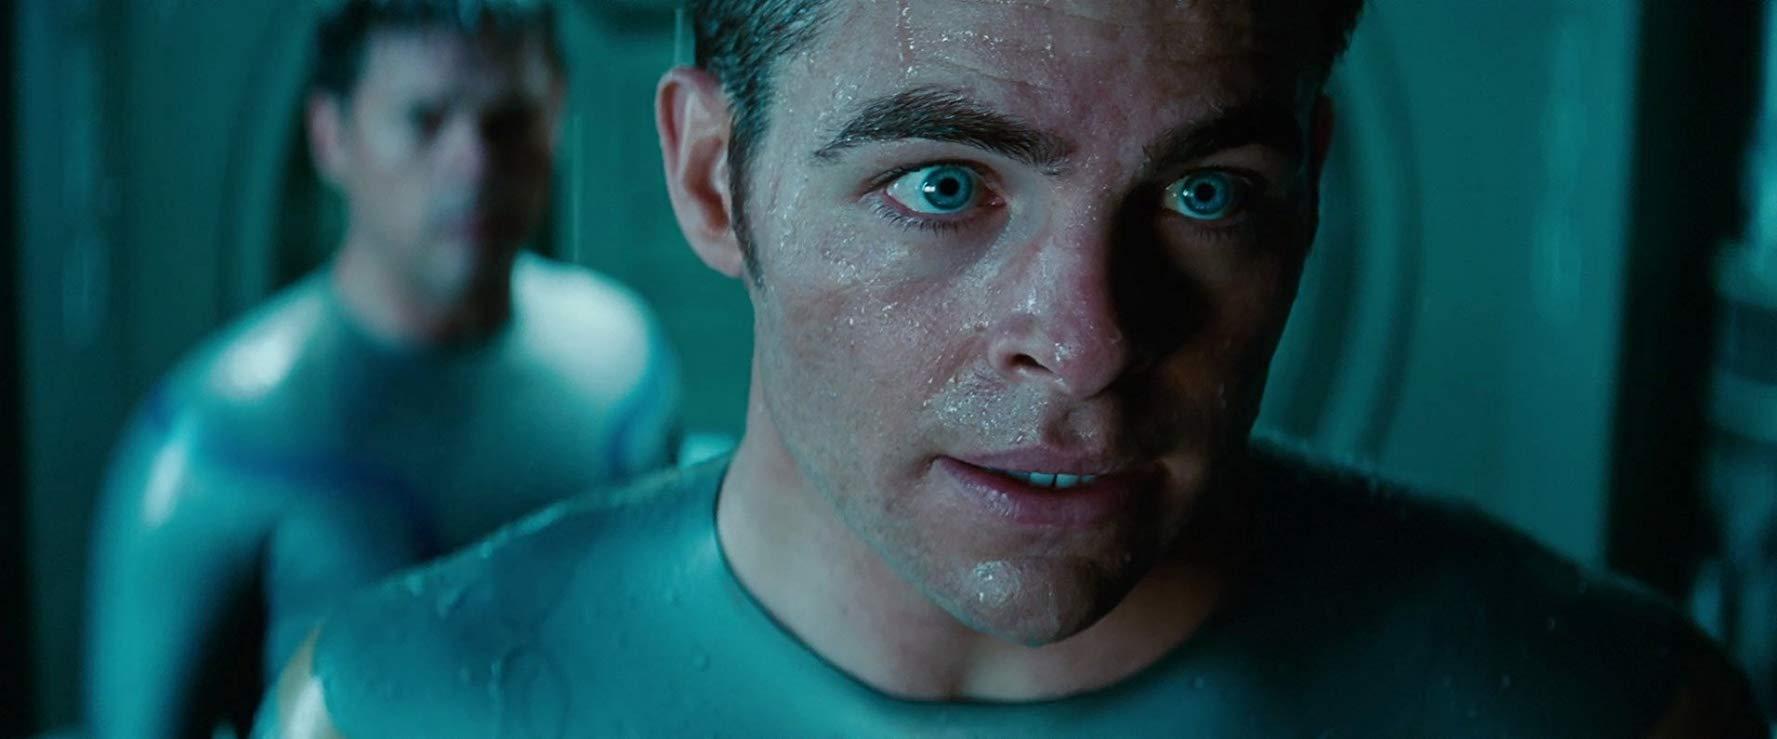 カークの青い瞳が印象的